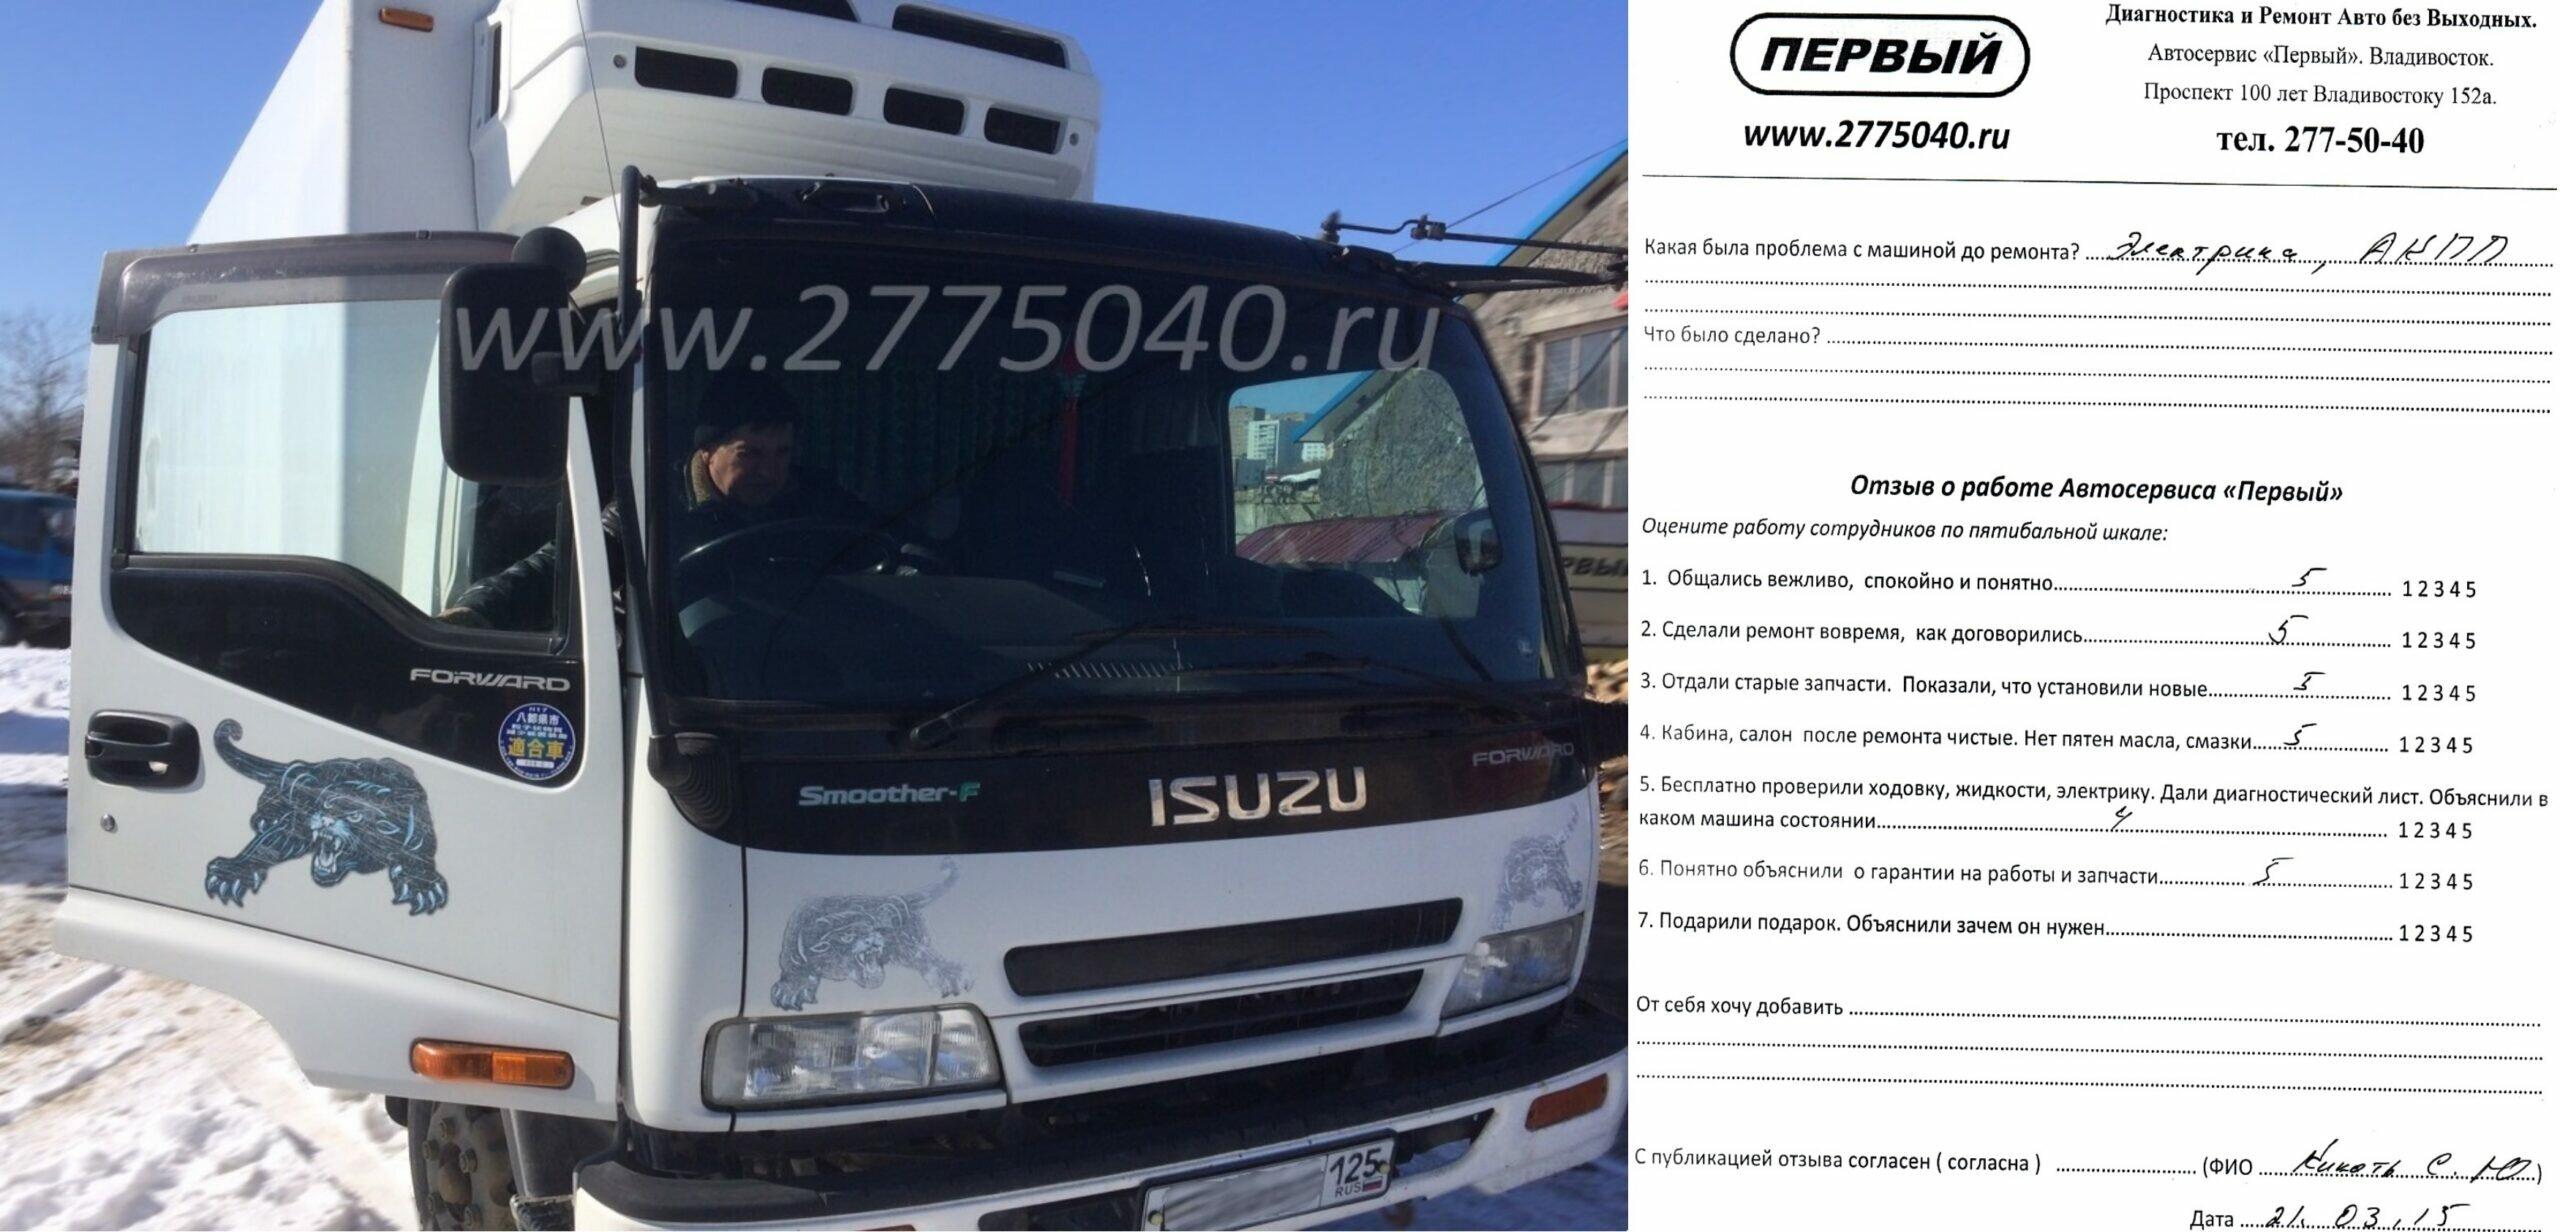 Отзыв водителя о ремонте Isuzu Forward (Исузу Форвард)